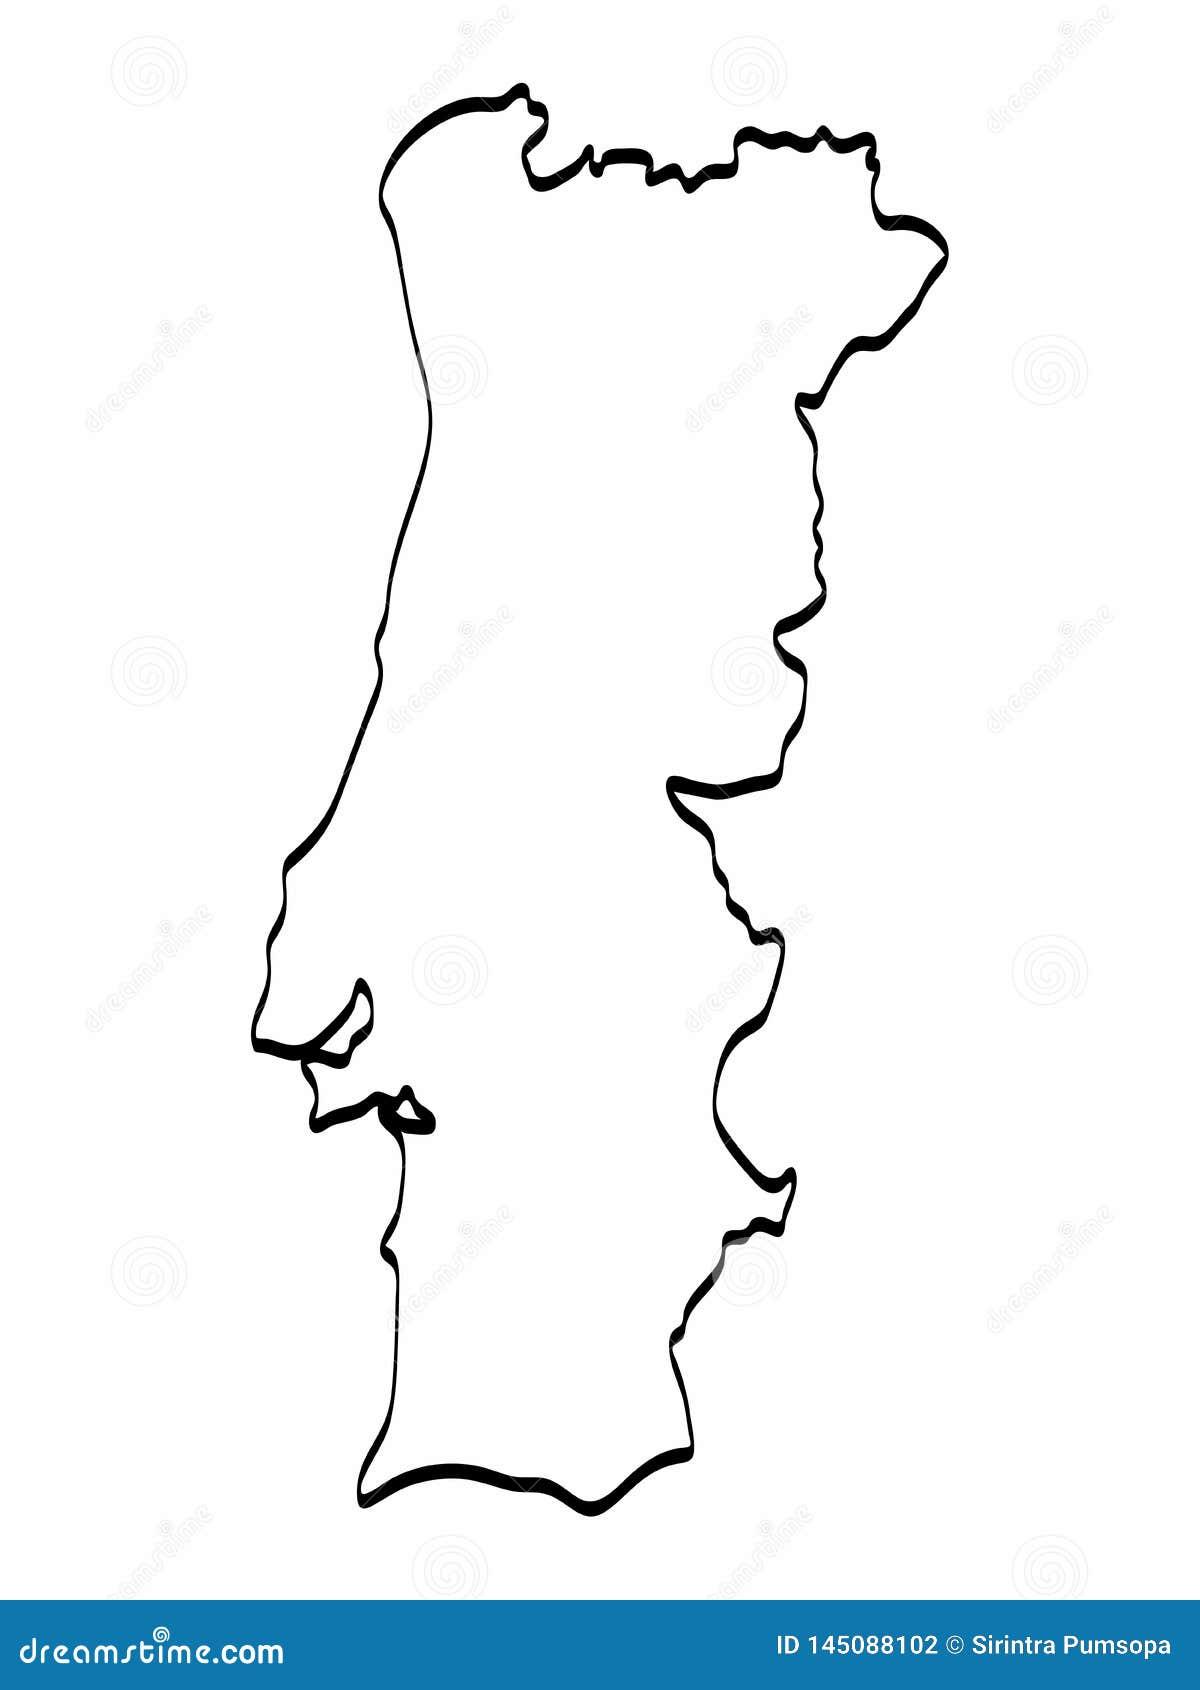 Desenho A M O Livre Gr Fico Do Esbo O Do Mapa De Portugal No Fundo